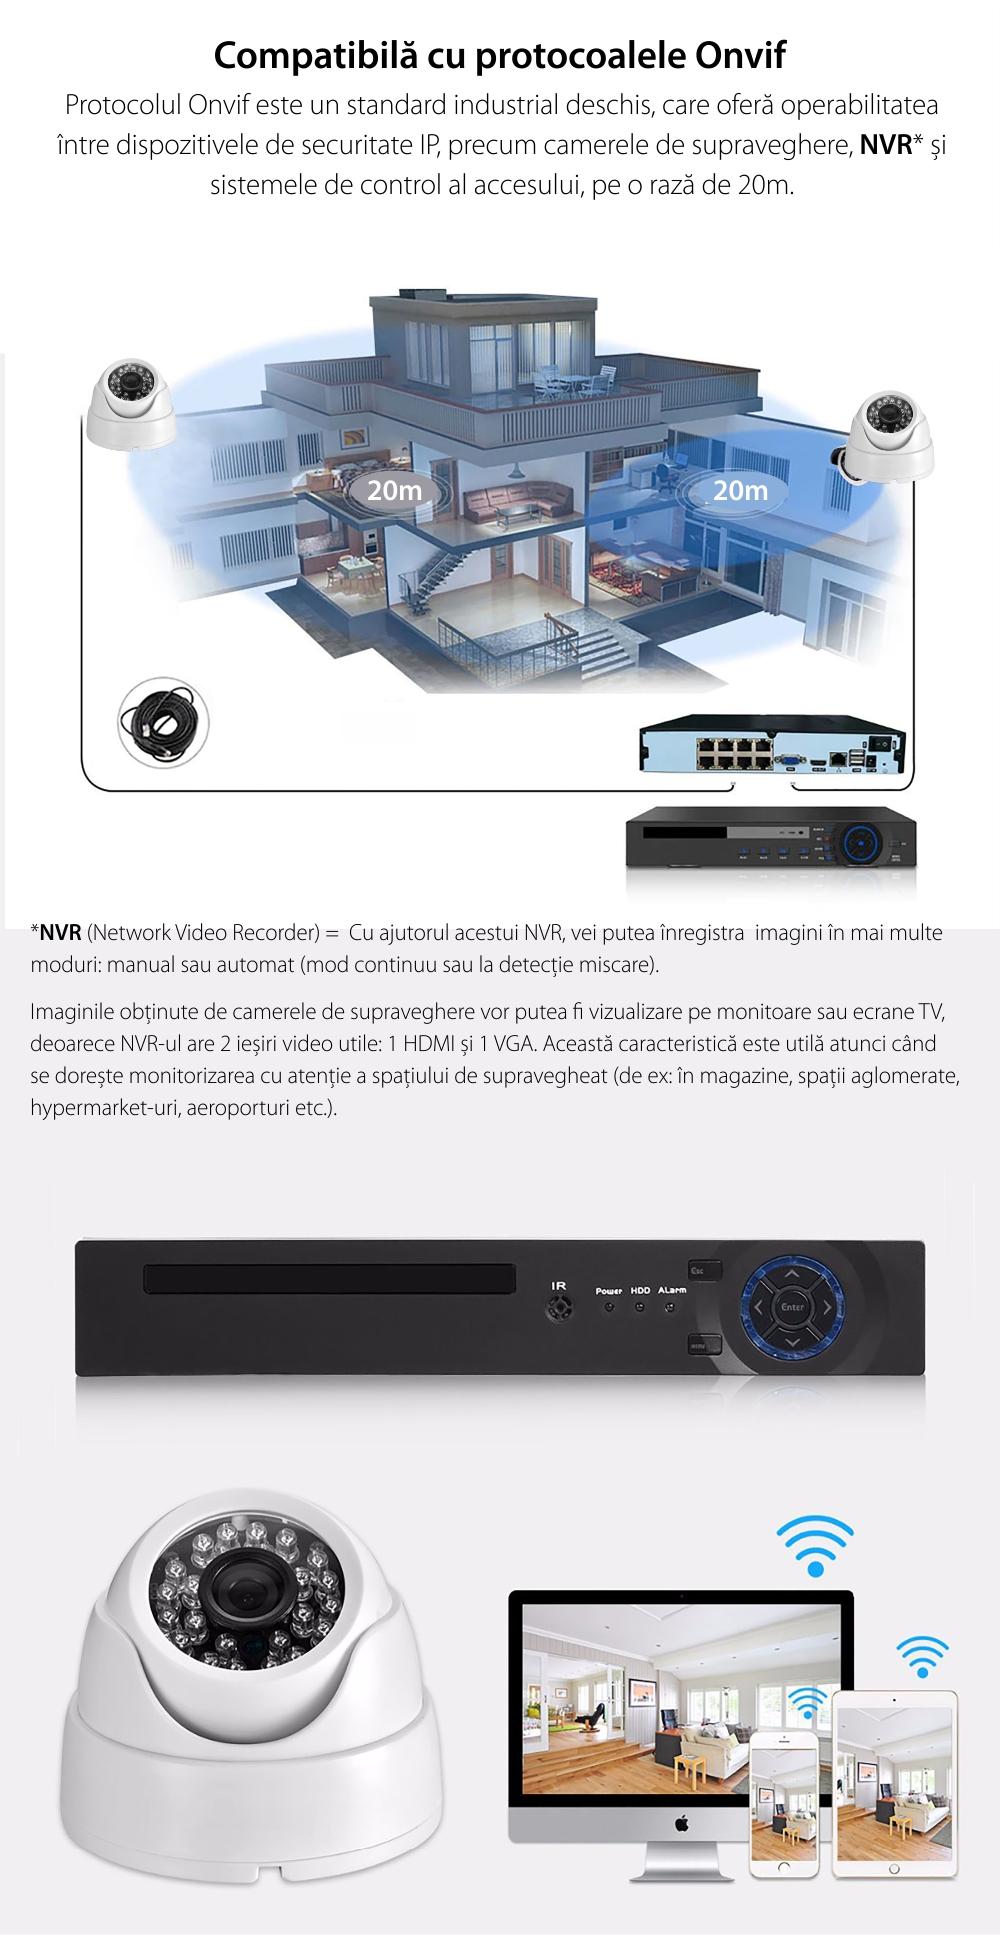 Camera de supraveghere Besnt BS-IP59L, 3MP, 1080p, Monitorizare nocturna, Senzor infrarosu, Notificari pe telefon